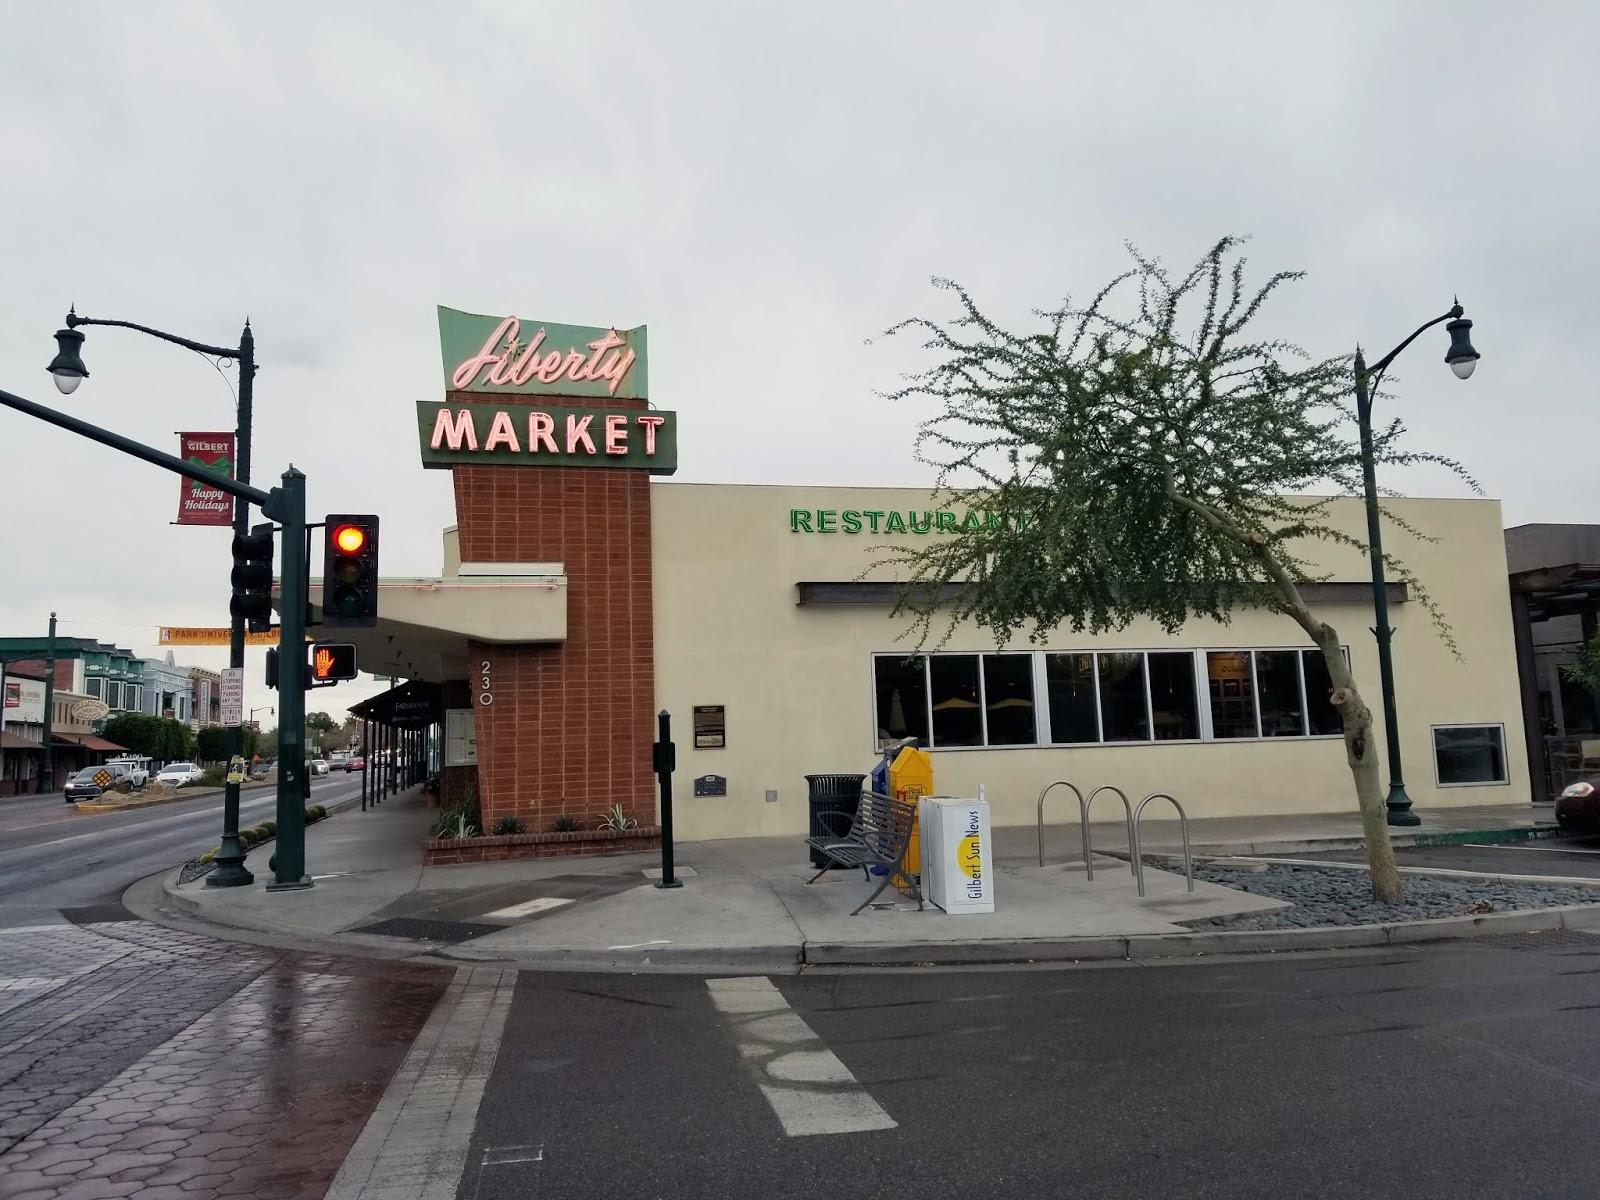 Gilbert AZ: Liberty Market